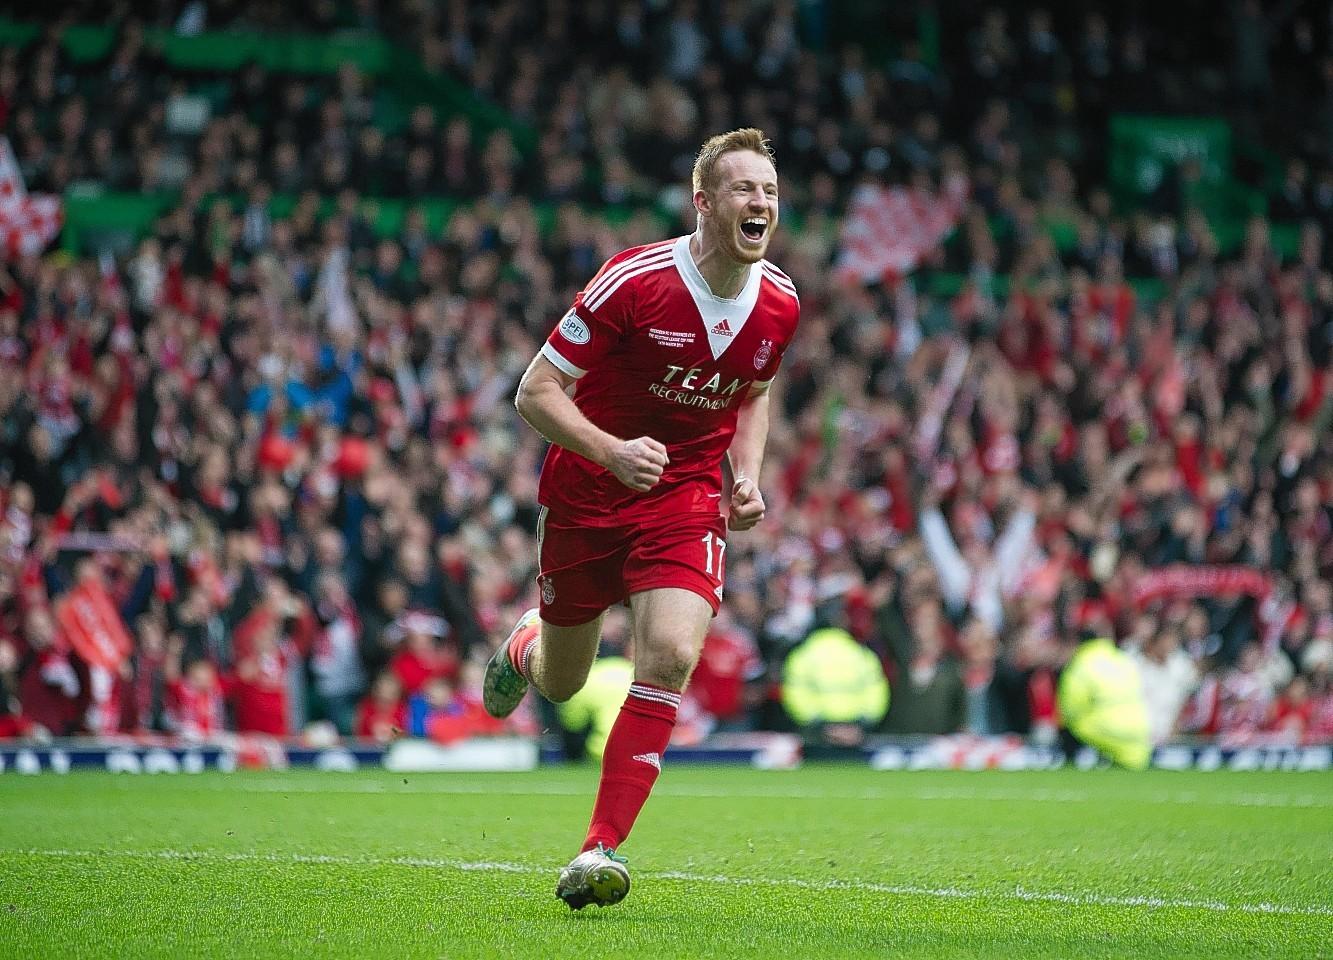 Rooney celebrates netting the winning penalty in last season's final